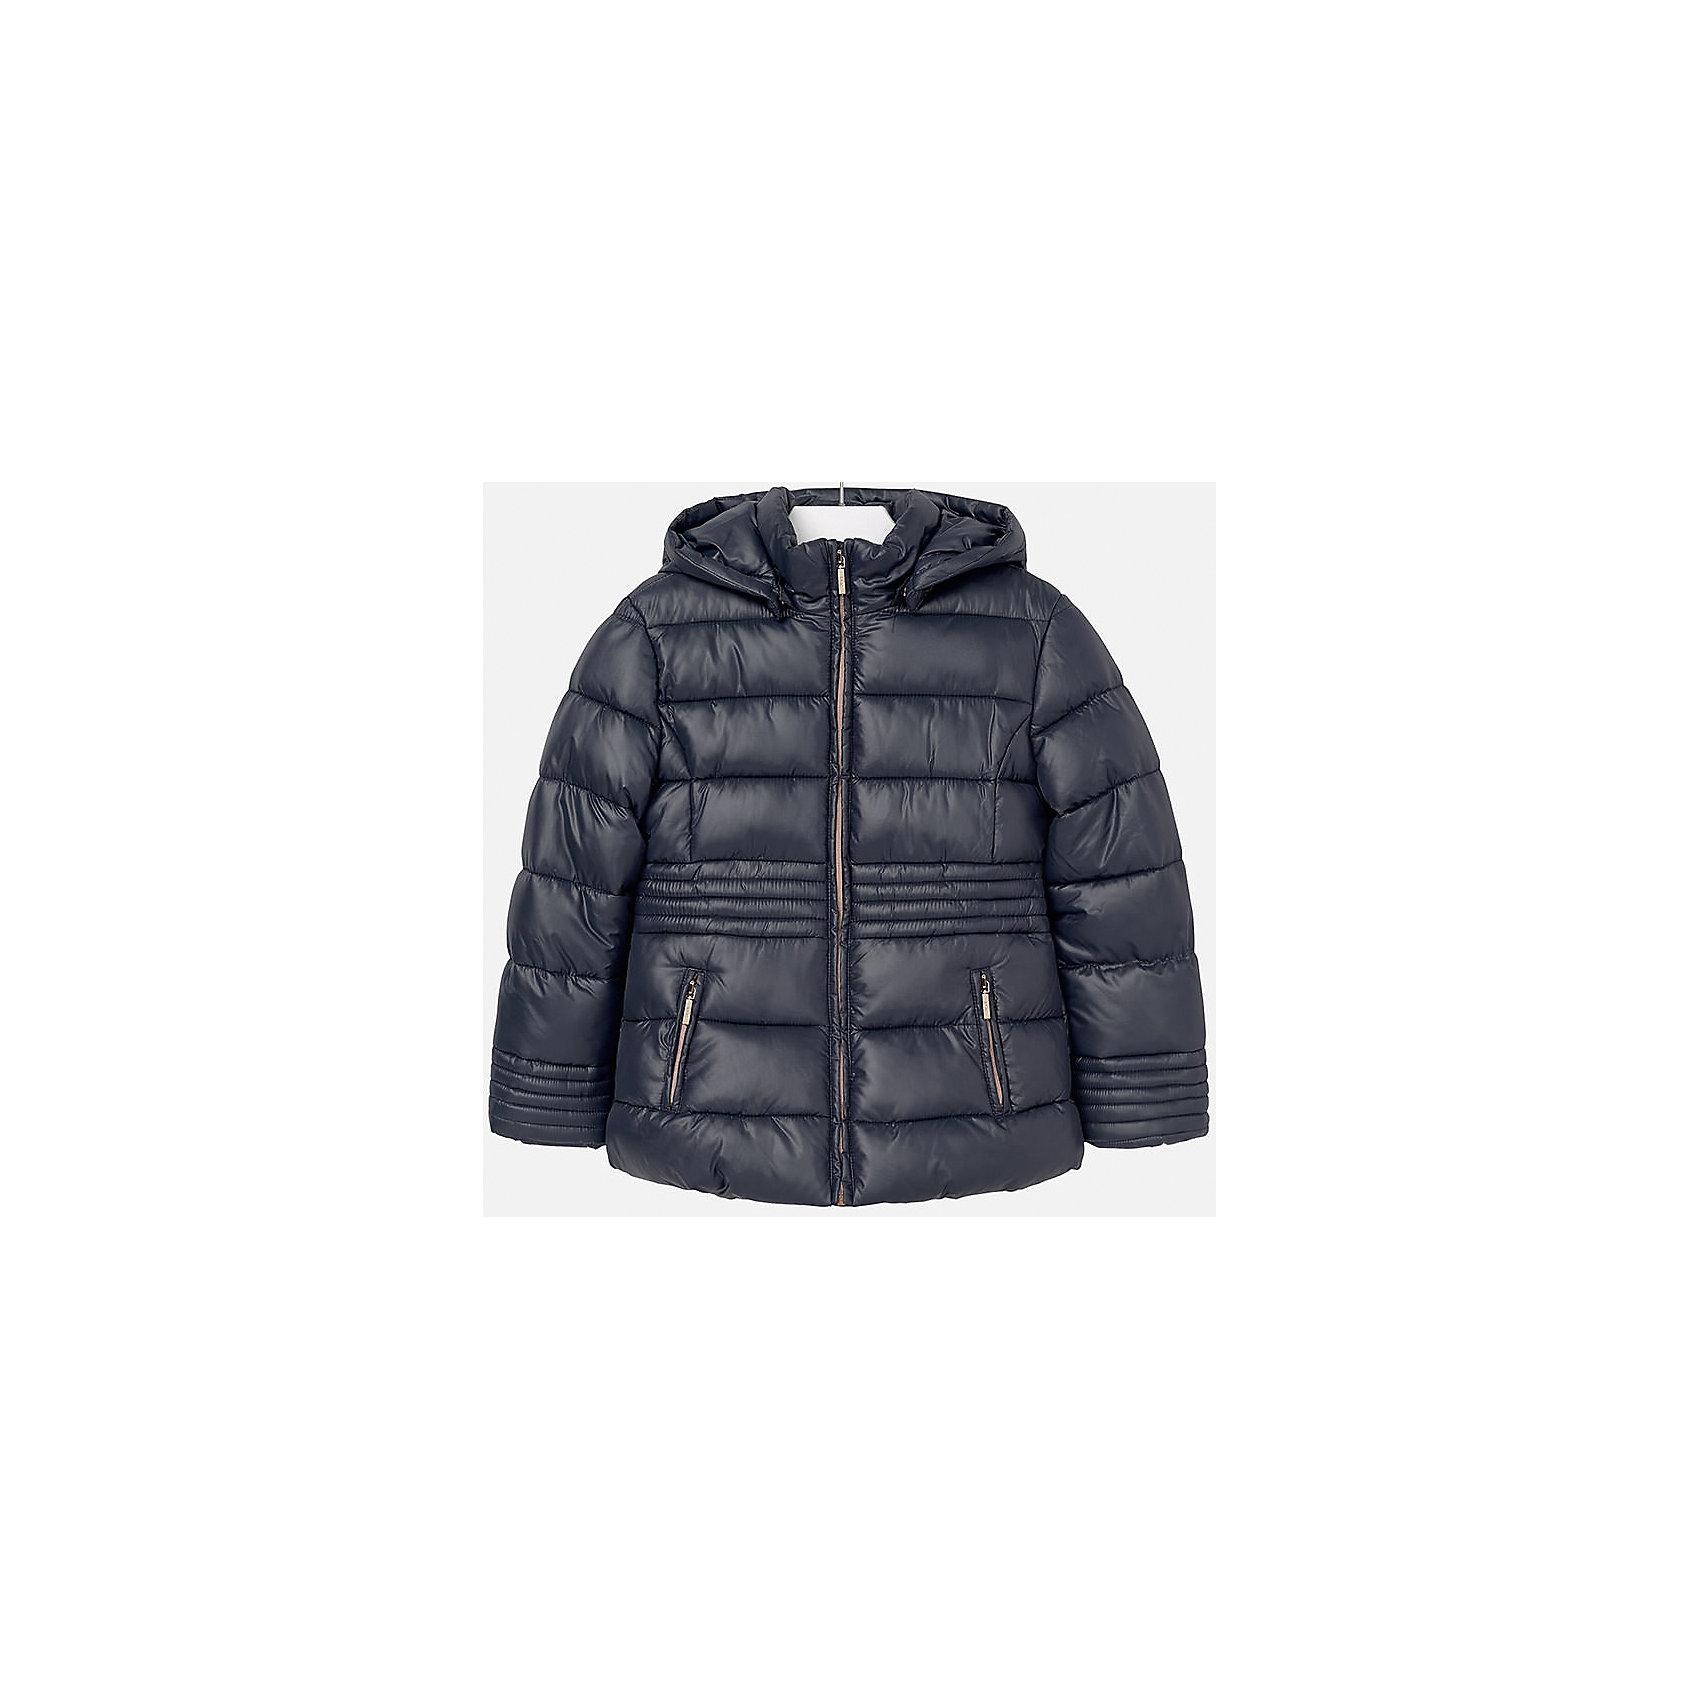 Куртка для девочки MayoralВерхняя одежда<br>Куртка для девочки Mayoral отлично подойдет для холодной осени. Модель выполнена из высококачественной водоотталкивающей ткани, имеет воротник стойку надежно защищающий шею ребенка от холодного ветра, и отстегивающийся капюшон. Куртка дополнена двумя боковыми карманами на молнии и мягкую подкладку. Нейтральная расцветка позволяет модели сочетаться с любыми вещами в гардеробе. <br><br>Дополнительная информация:<br><br>- Температурный режим: от + 5? до - 5?.<br>- Сезон: демисезонная.<br>- Тип застежки: молния. <br>- Прочная водоотталкивающая ткань.<br>- Капюшон на кнопках (отстёгивается).<br>- Воротник-стойка. <br>- 2 боковых кармана на молнии. <br>Состав: <br>верх - 100% полиэстер; подкладка - 100% полиэстер; наполнитель - 100% полиэстер.<br><br>Куртка для девочки Mayoral (Майорал), темно-синюю, можно купить в нашем магазине.<br><br>Ширина мм: 356<br>Глубина мм: 10<br>Высота мм: 245<br>Вес г: 519<br>Цвет: синий<br>Возраст от месяцев: 168<br>Возраст до месяцев: 180<br>Пол: Женский<br>Возраст: Детский<br>Размер: 164/170,146/152,152/158,128/134,134/140,158/164<br>SKU: 4845943